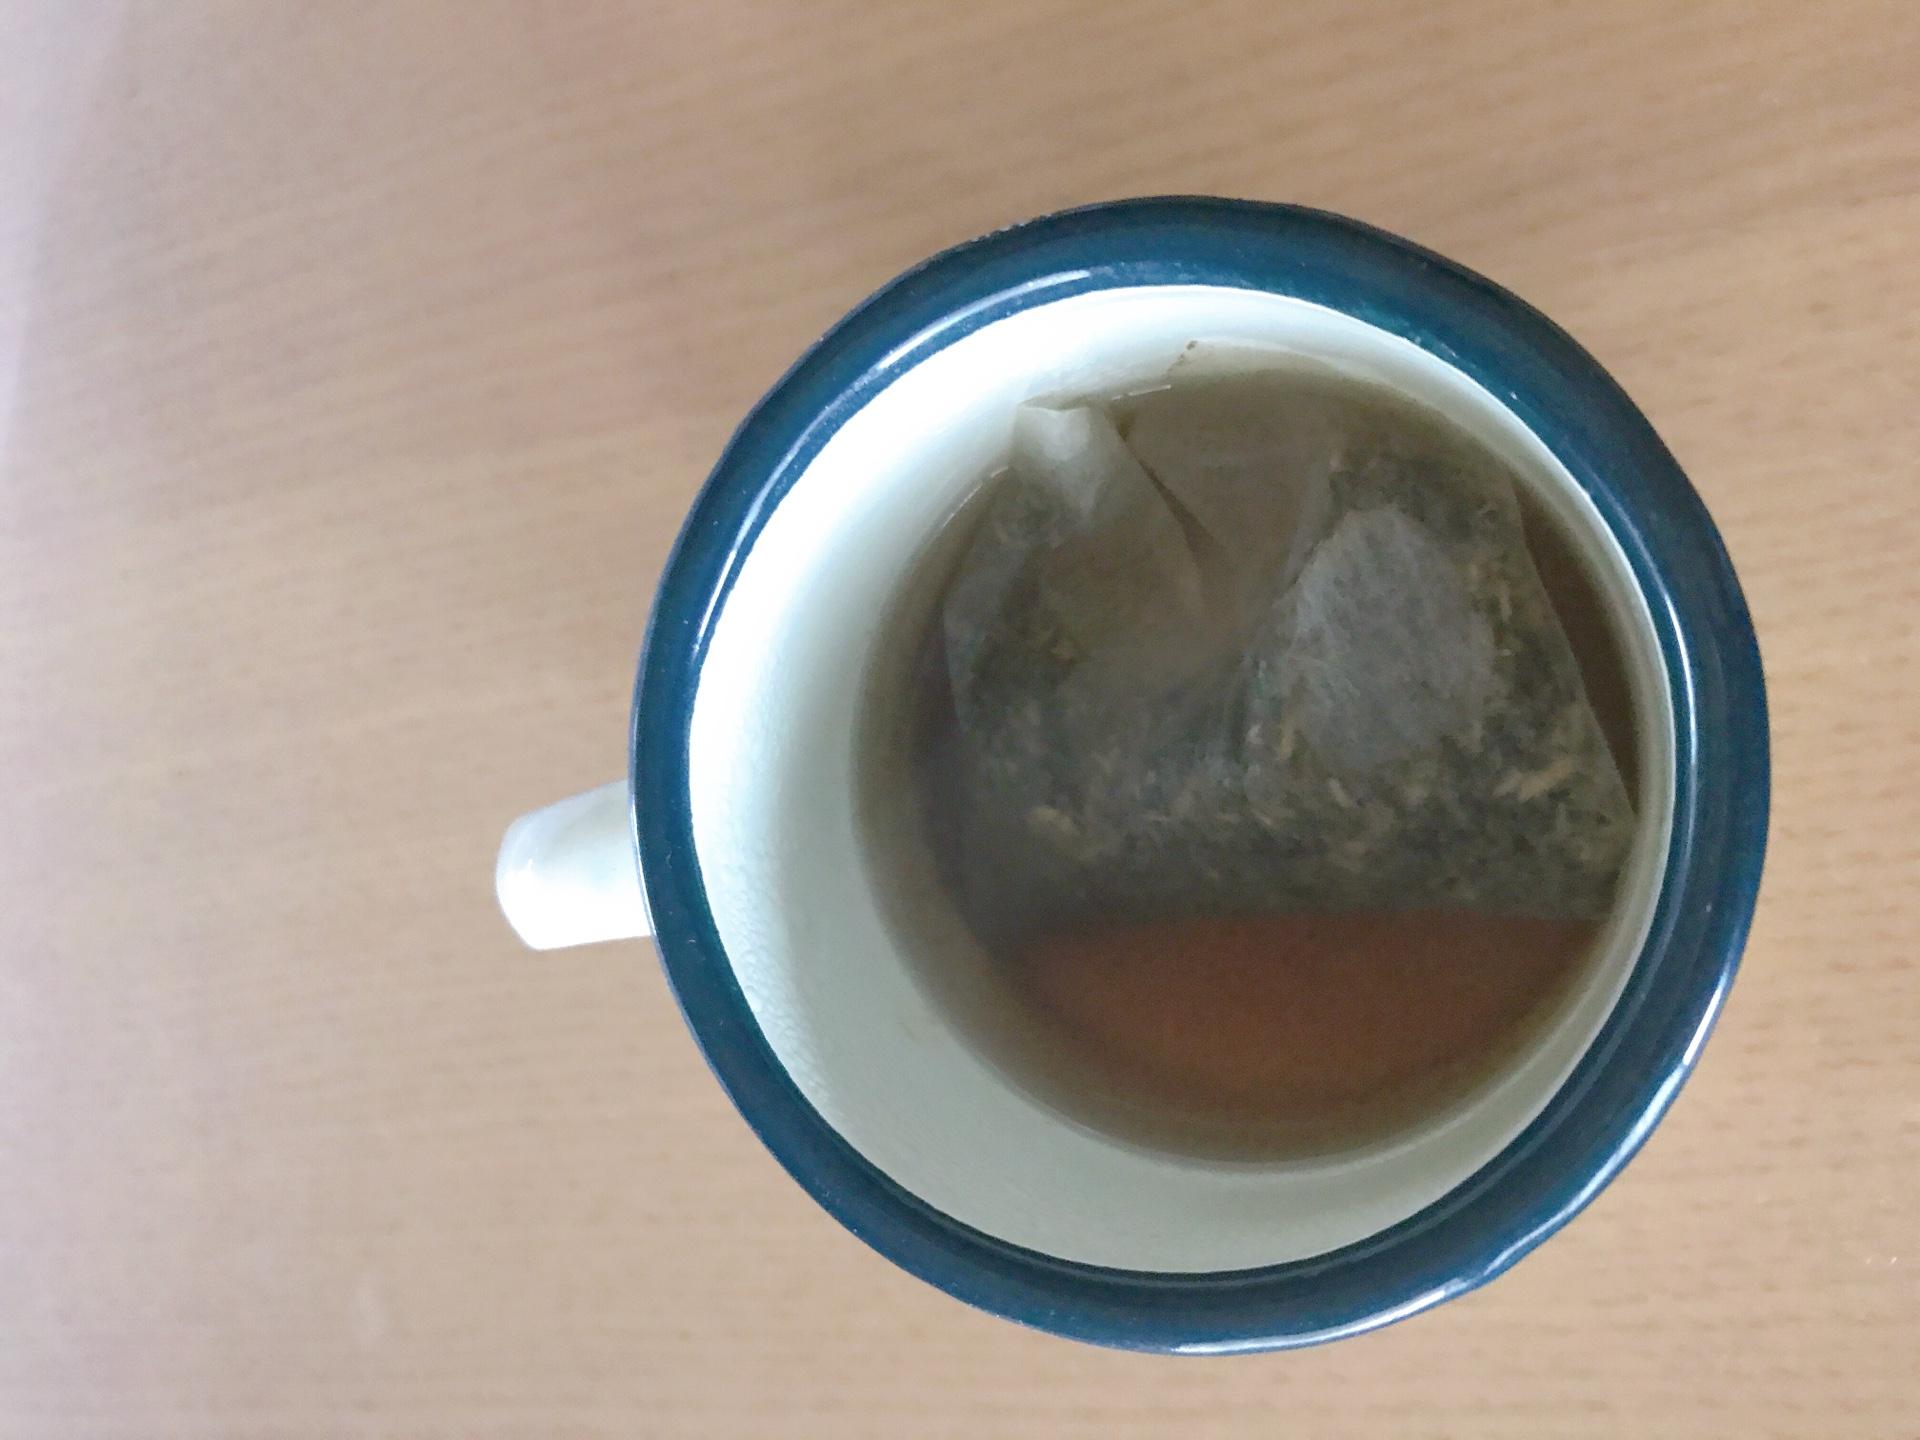 ホーリーバジルのお茶をお湯につけた画像